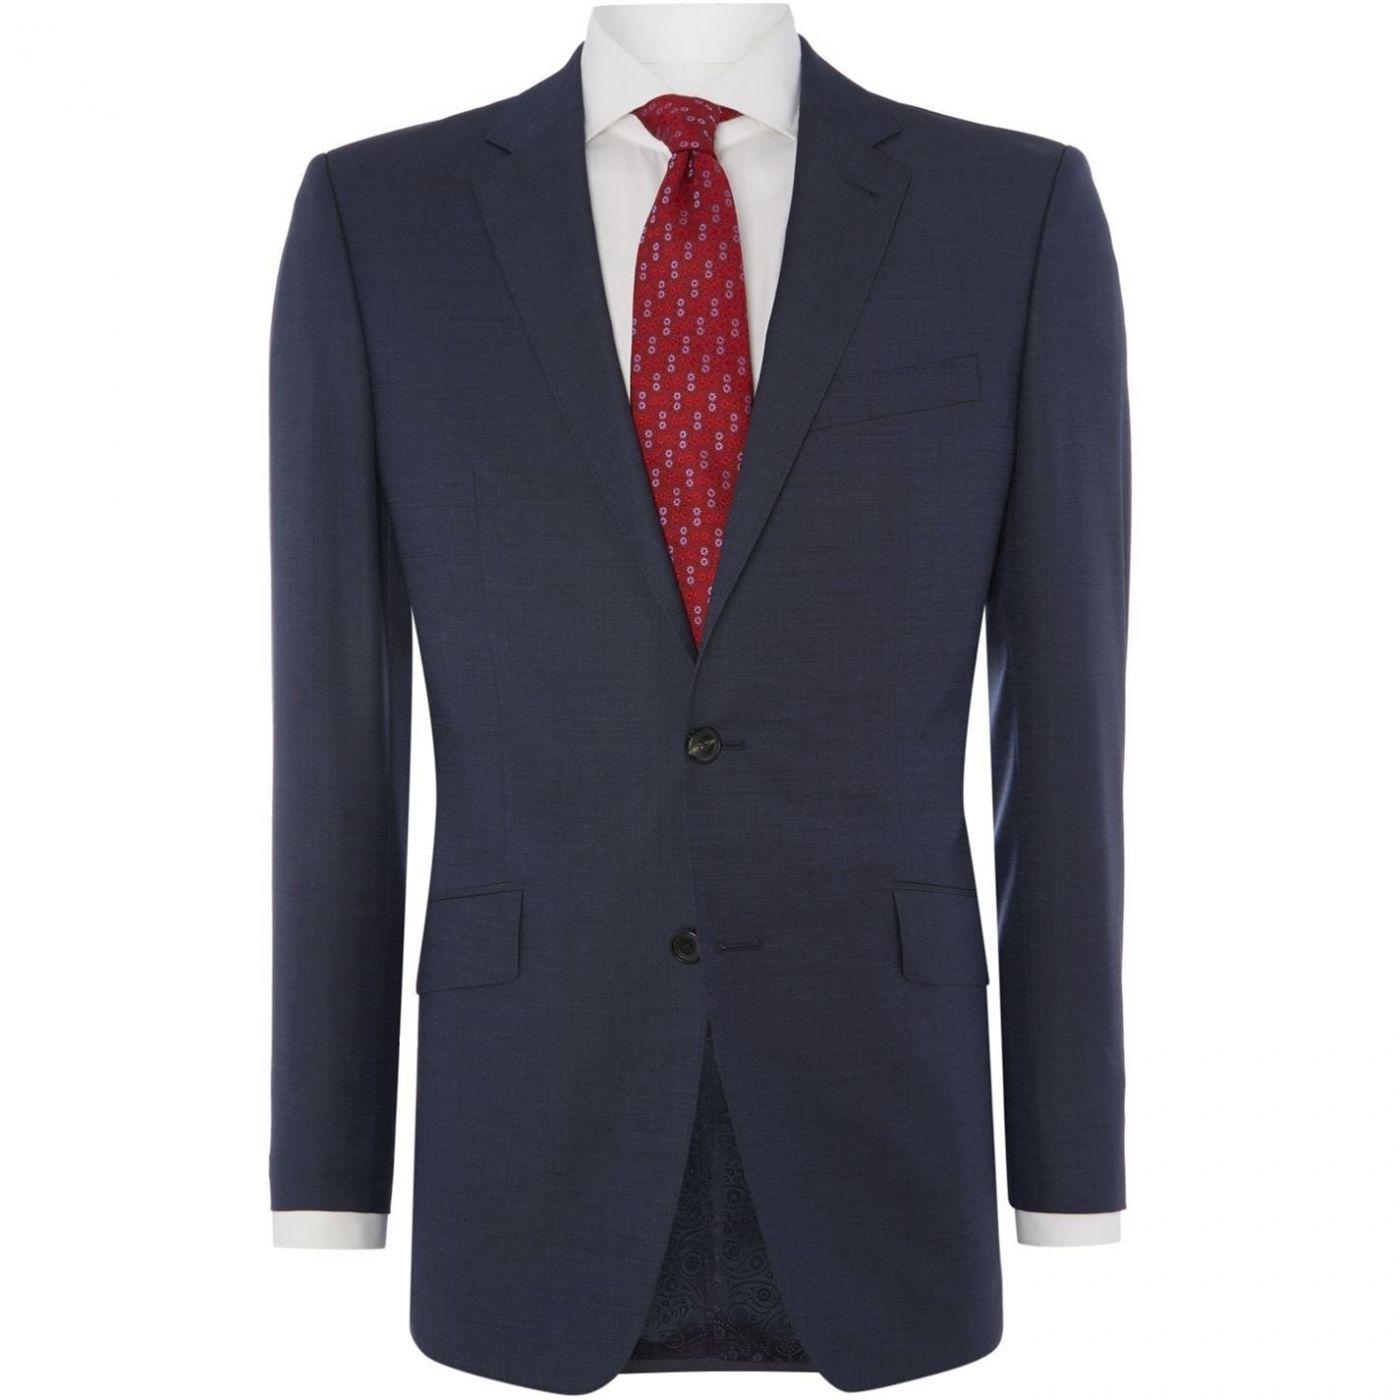 Simon Carter Pin Dot Regular Fit Suit Jacket